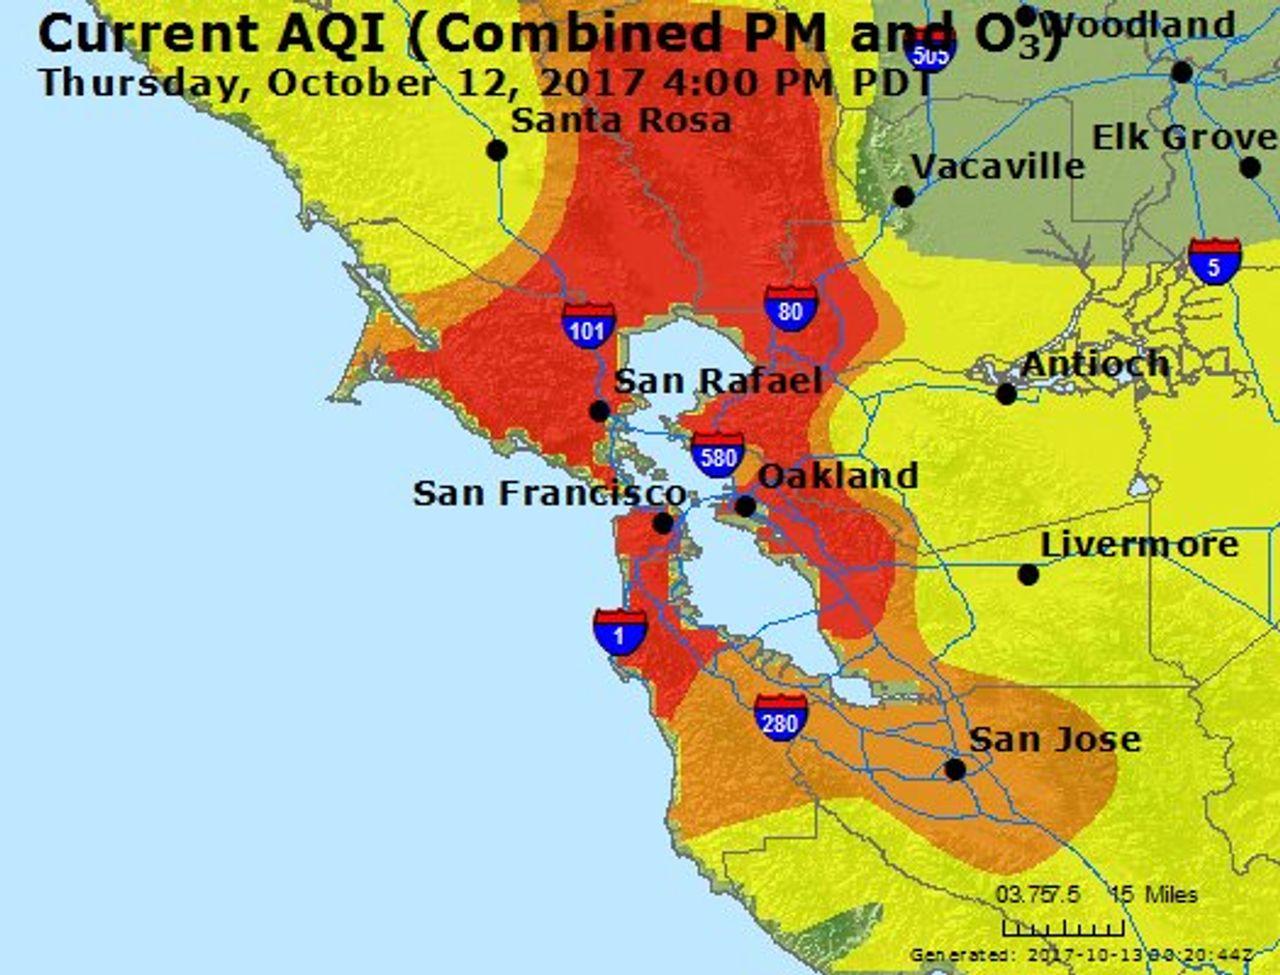 Air quality in California